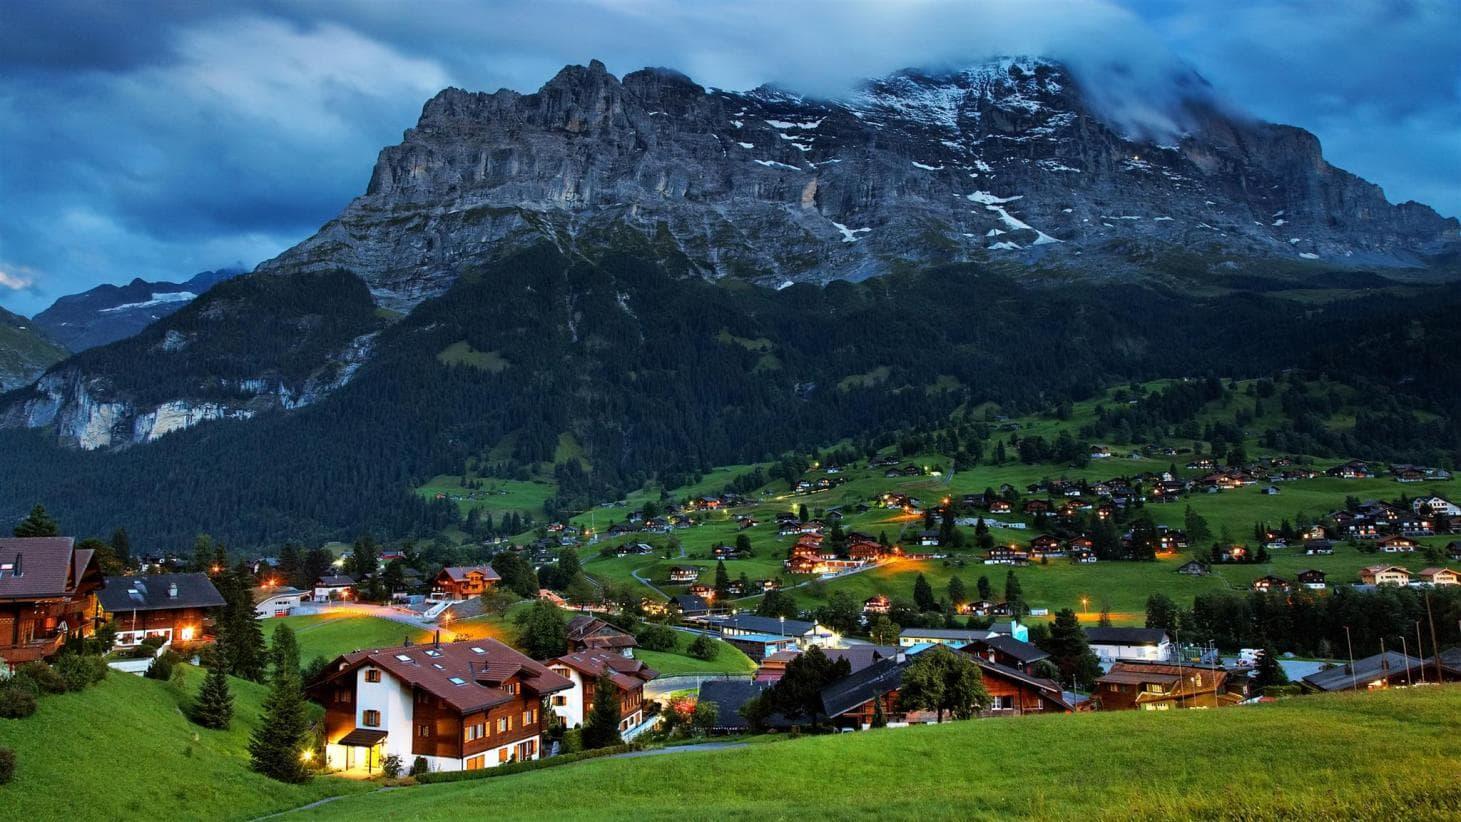 Quý khách cần chuẩn bị các vật dụng và trang bị 1 số kiến thức trước khi du lịch Thụy Sĩ